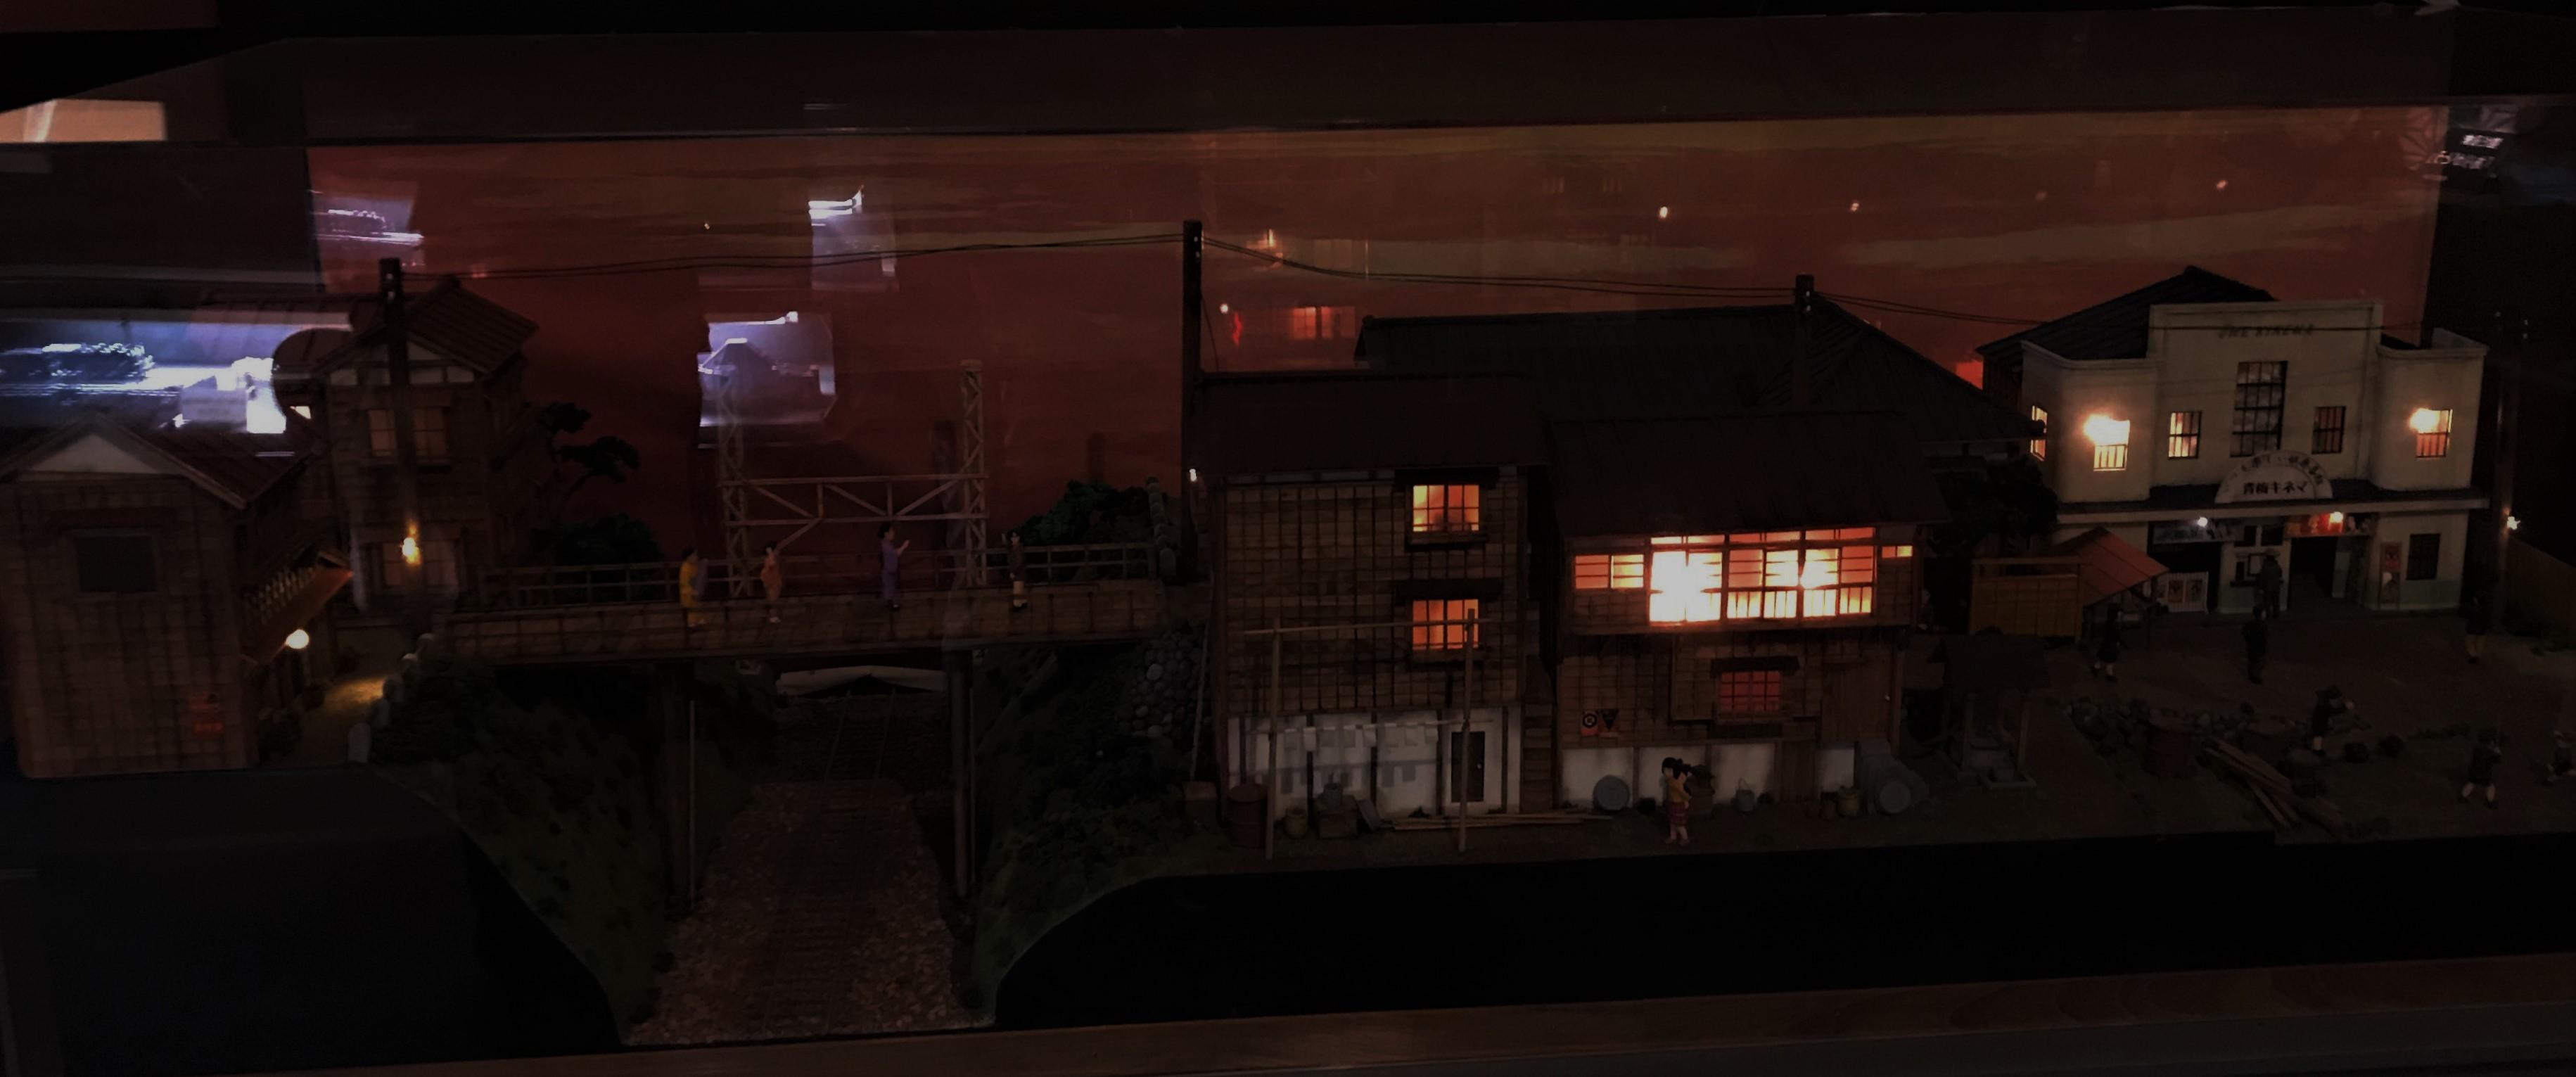 昭和幻燈館 (青梅市)_d0150287_16312749.jpg